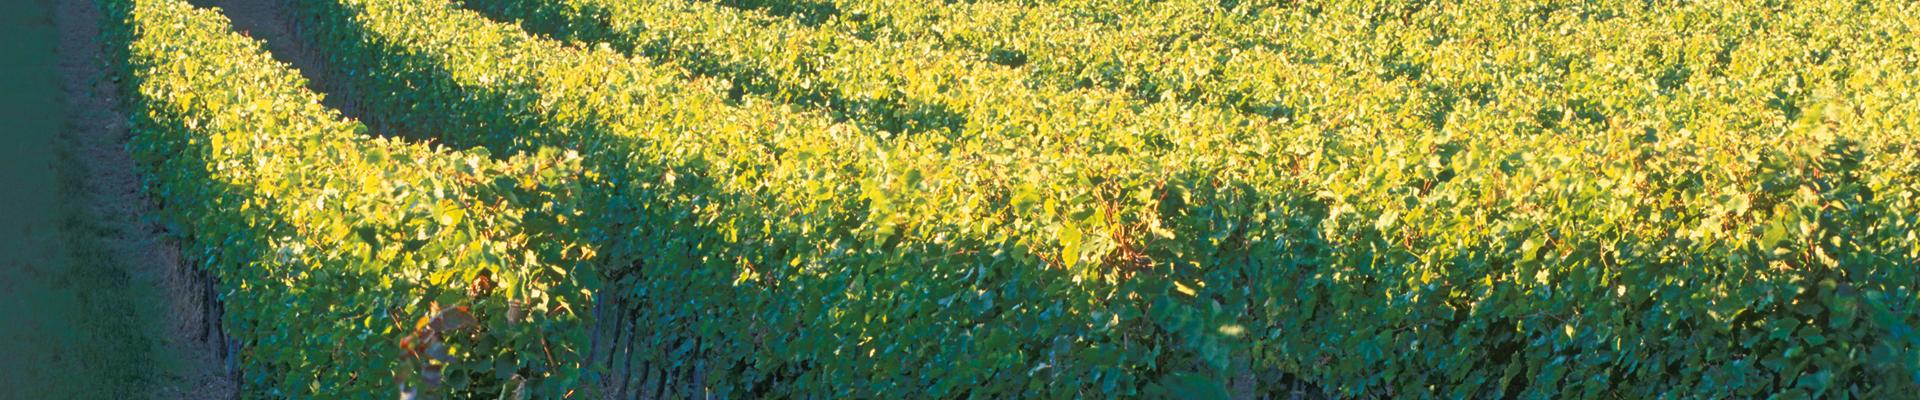 Wein, Weinkultur und Landschaft im Schmidatal